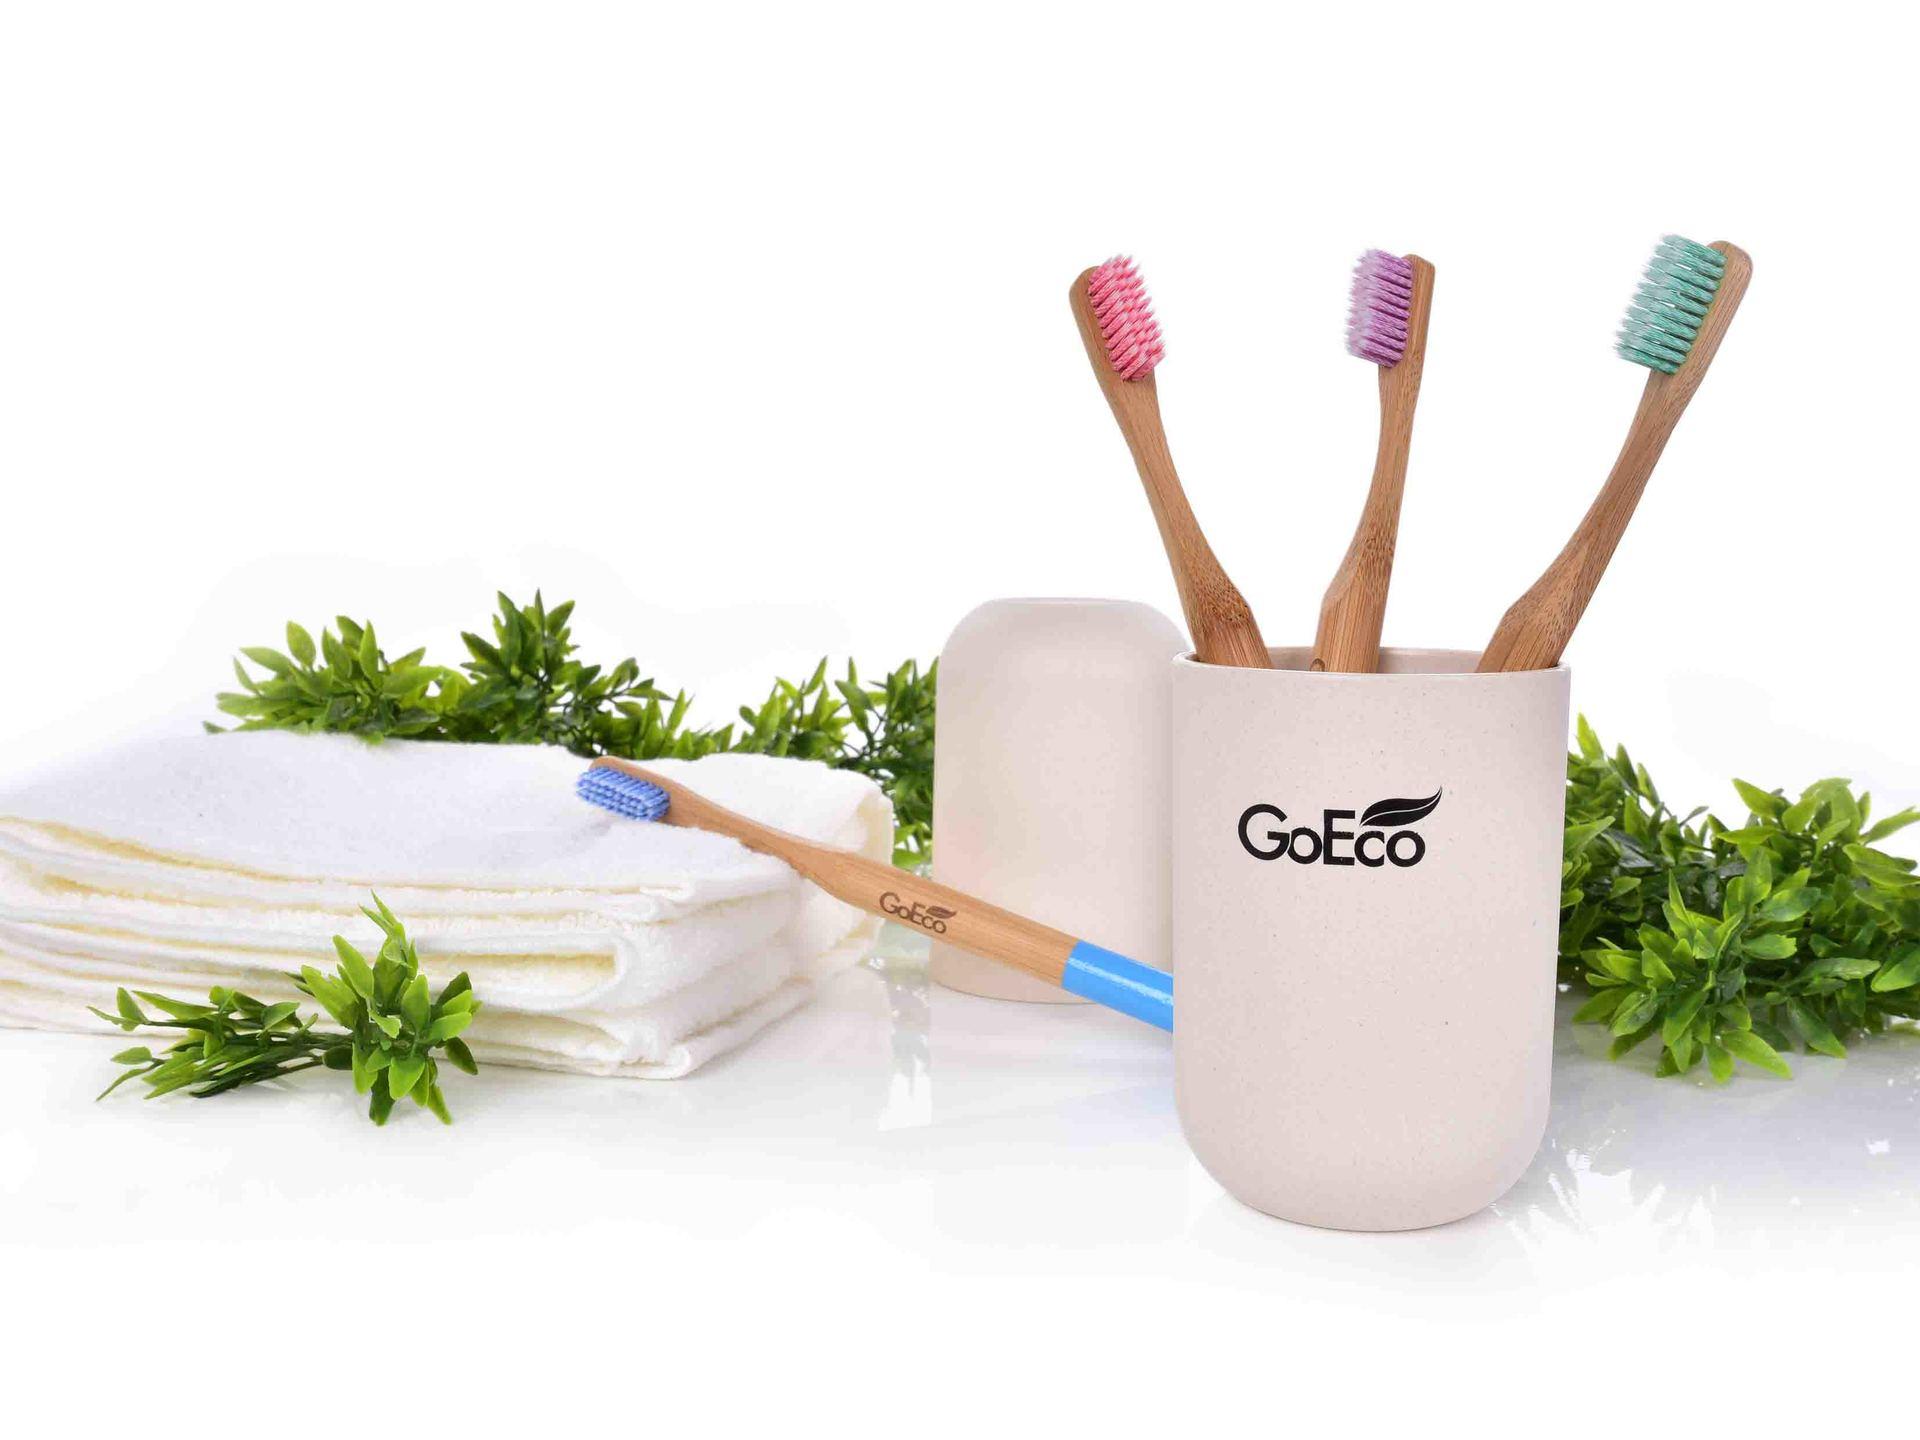 Zubní kartáček GoEco® BAMBOO, z bambusu s velmi měkkými štětinkami